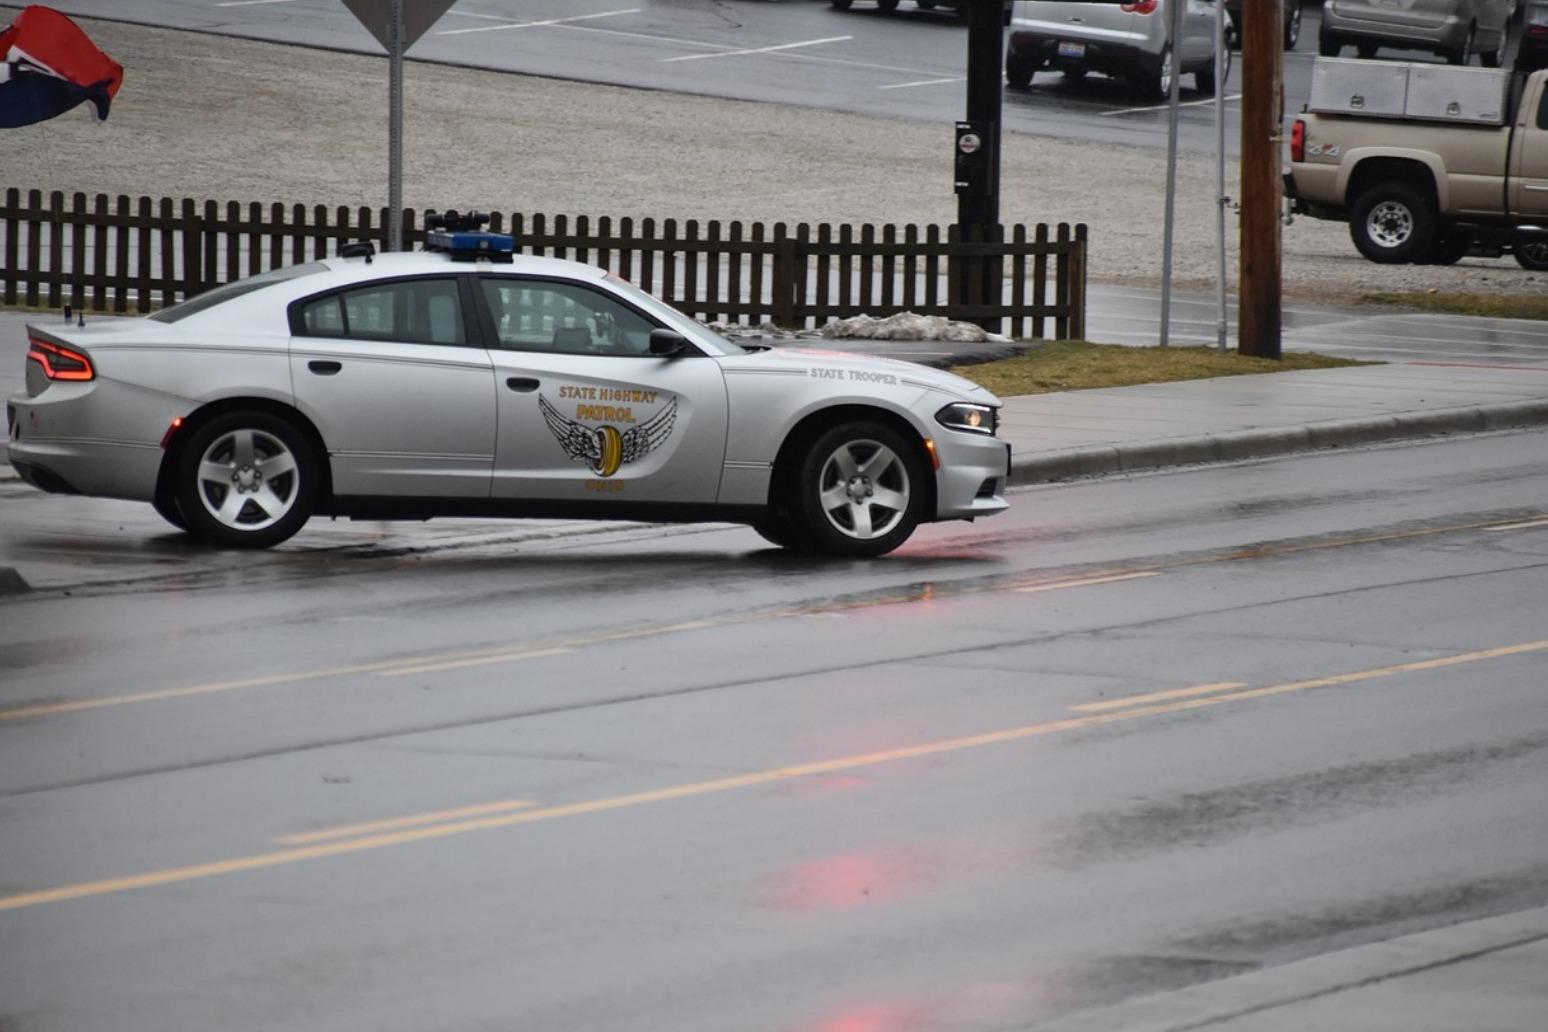 Ten die in Ohio shooting